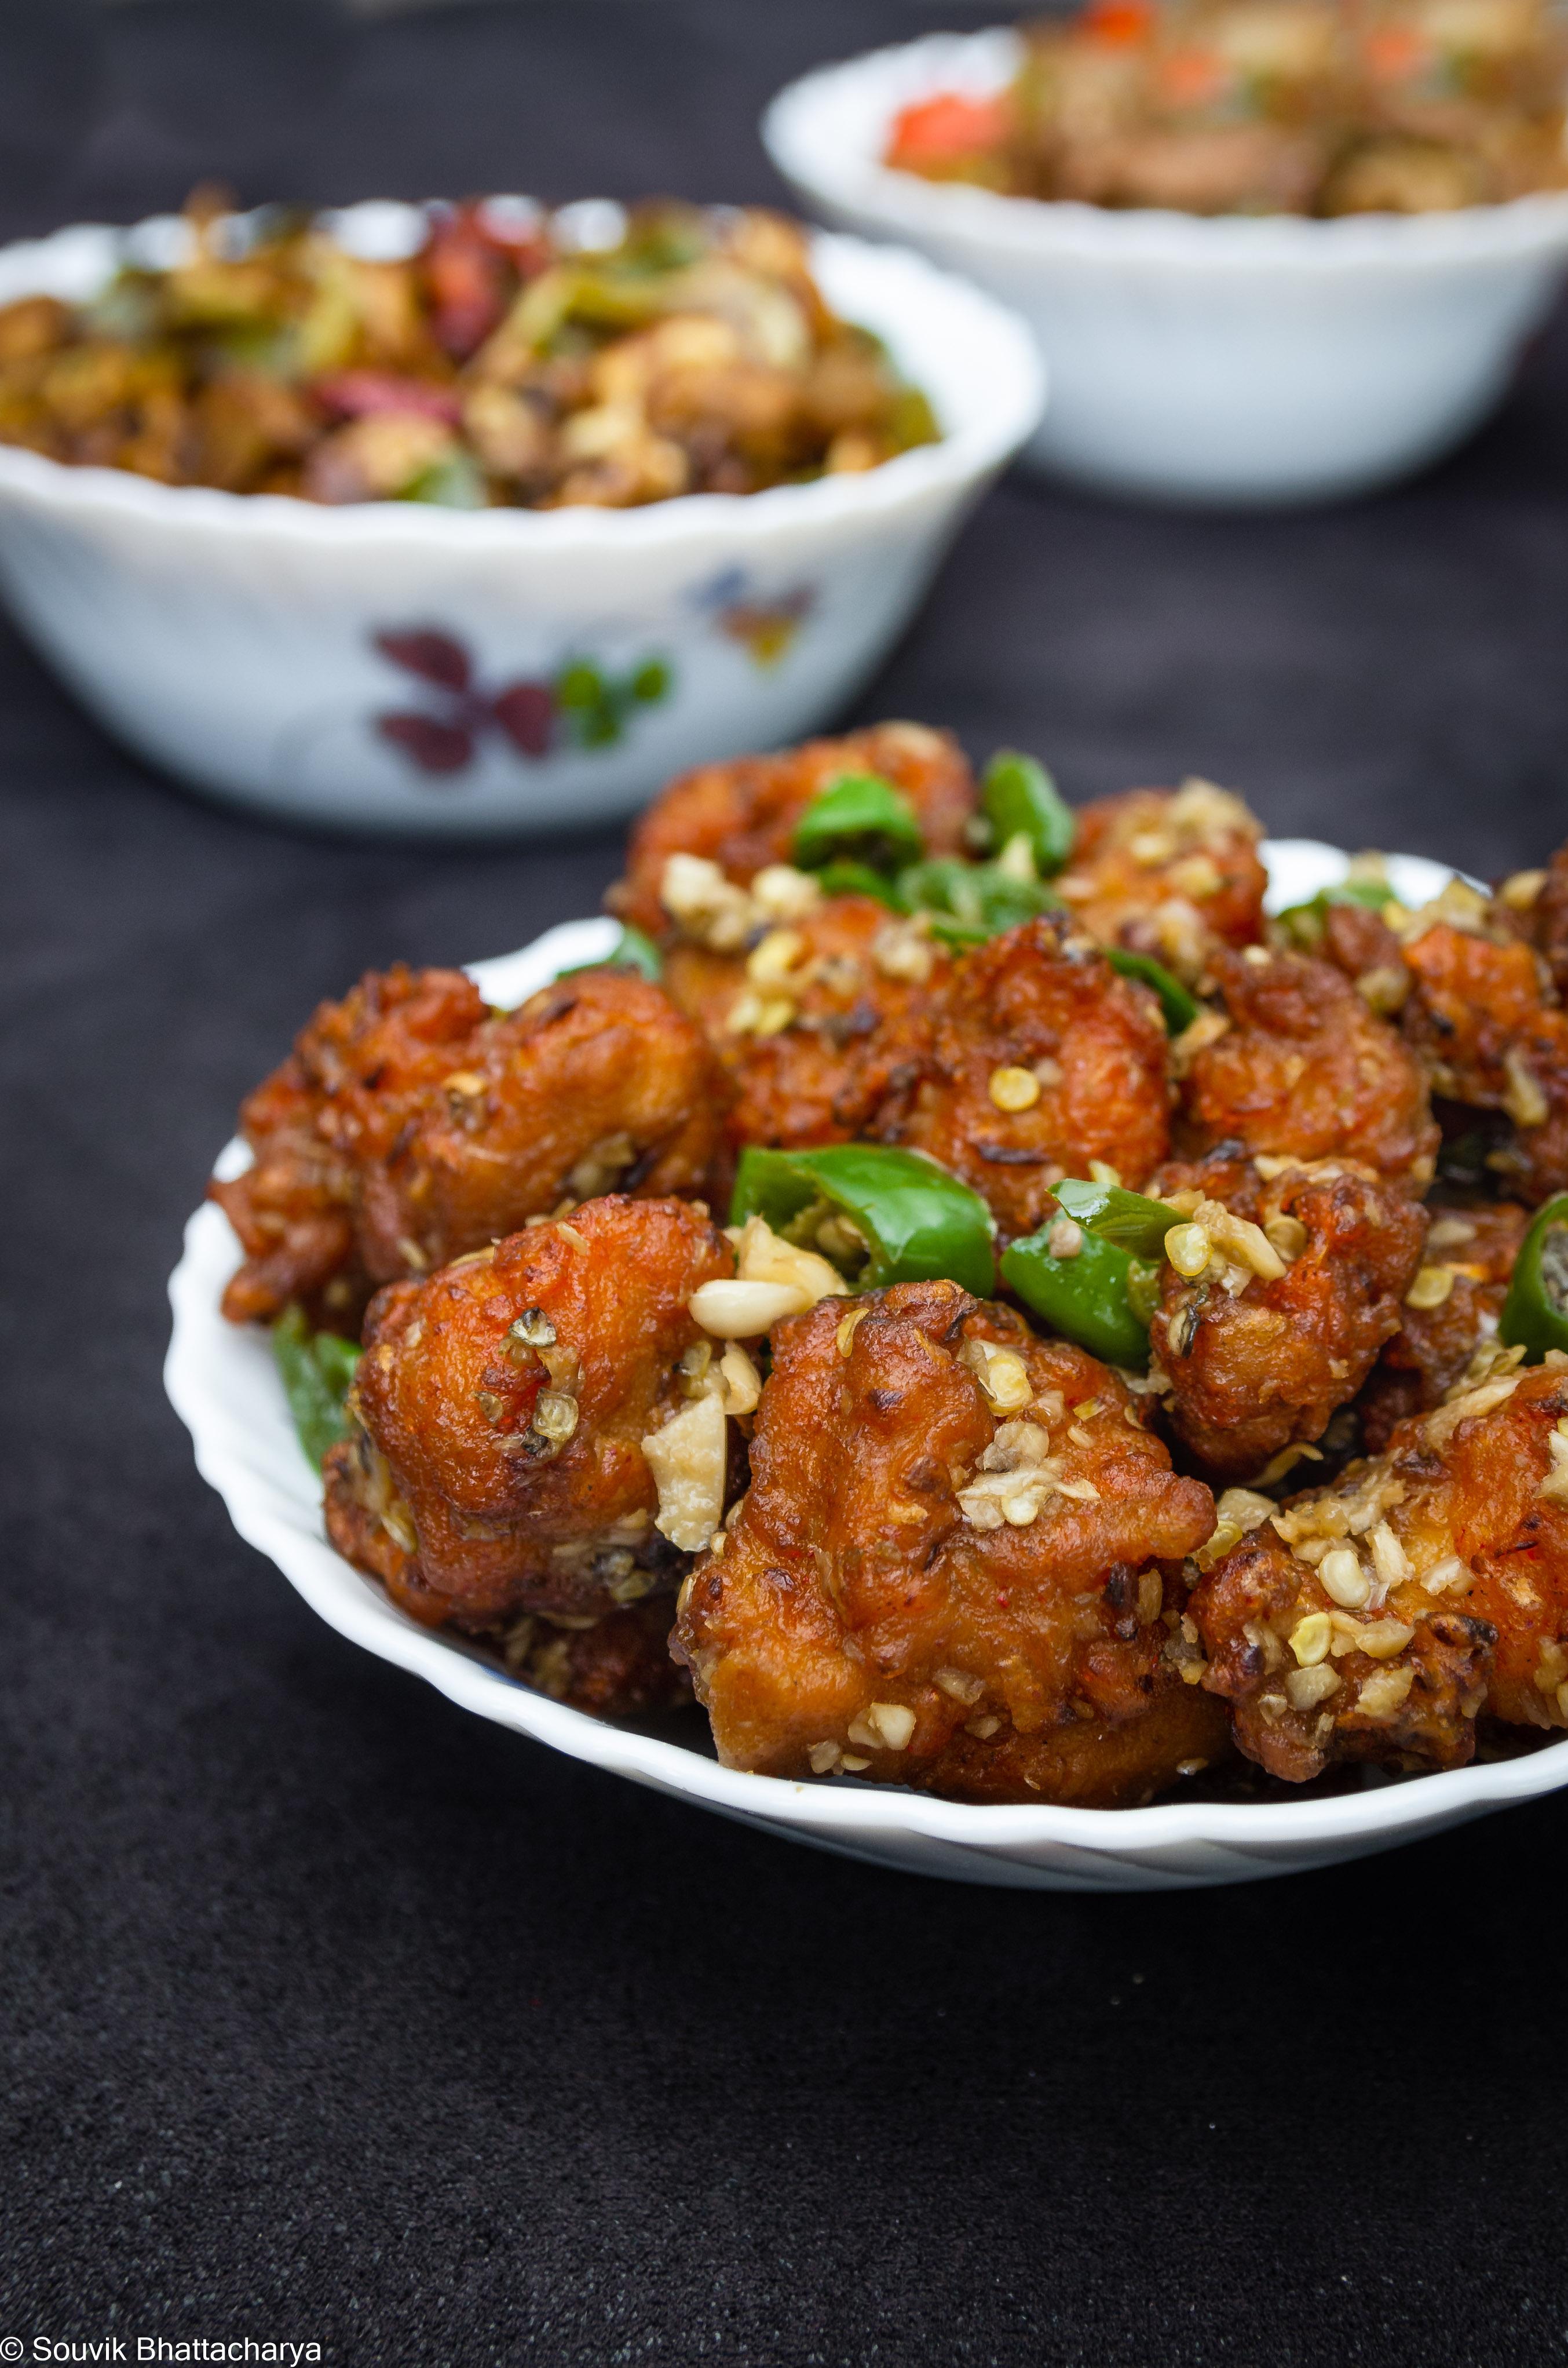 Chili Garlic Pepper Chicken at Royal Jade Kolkata